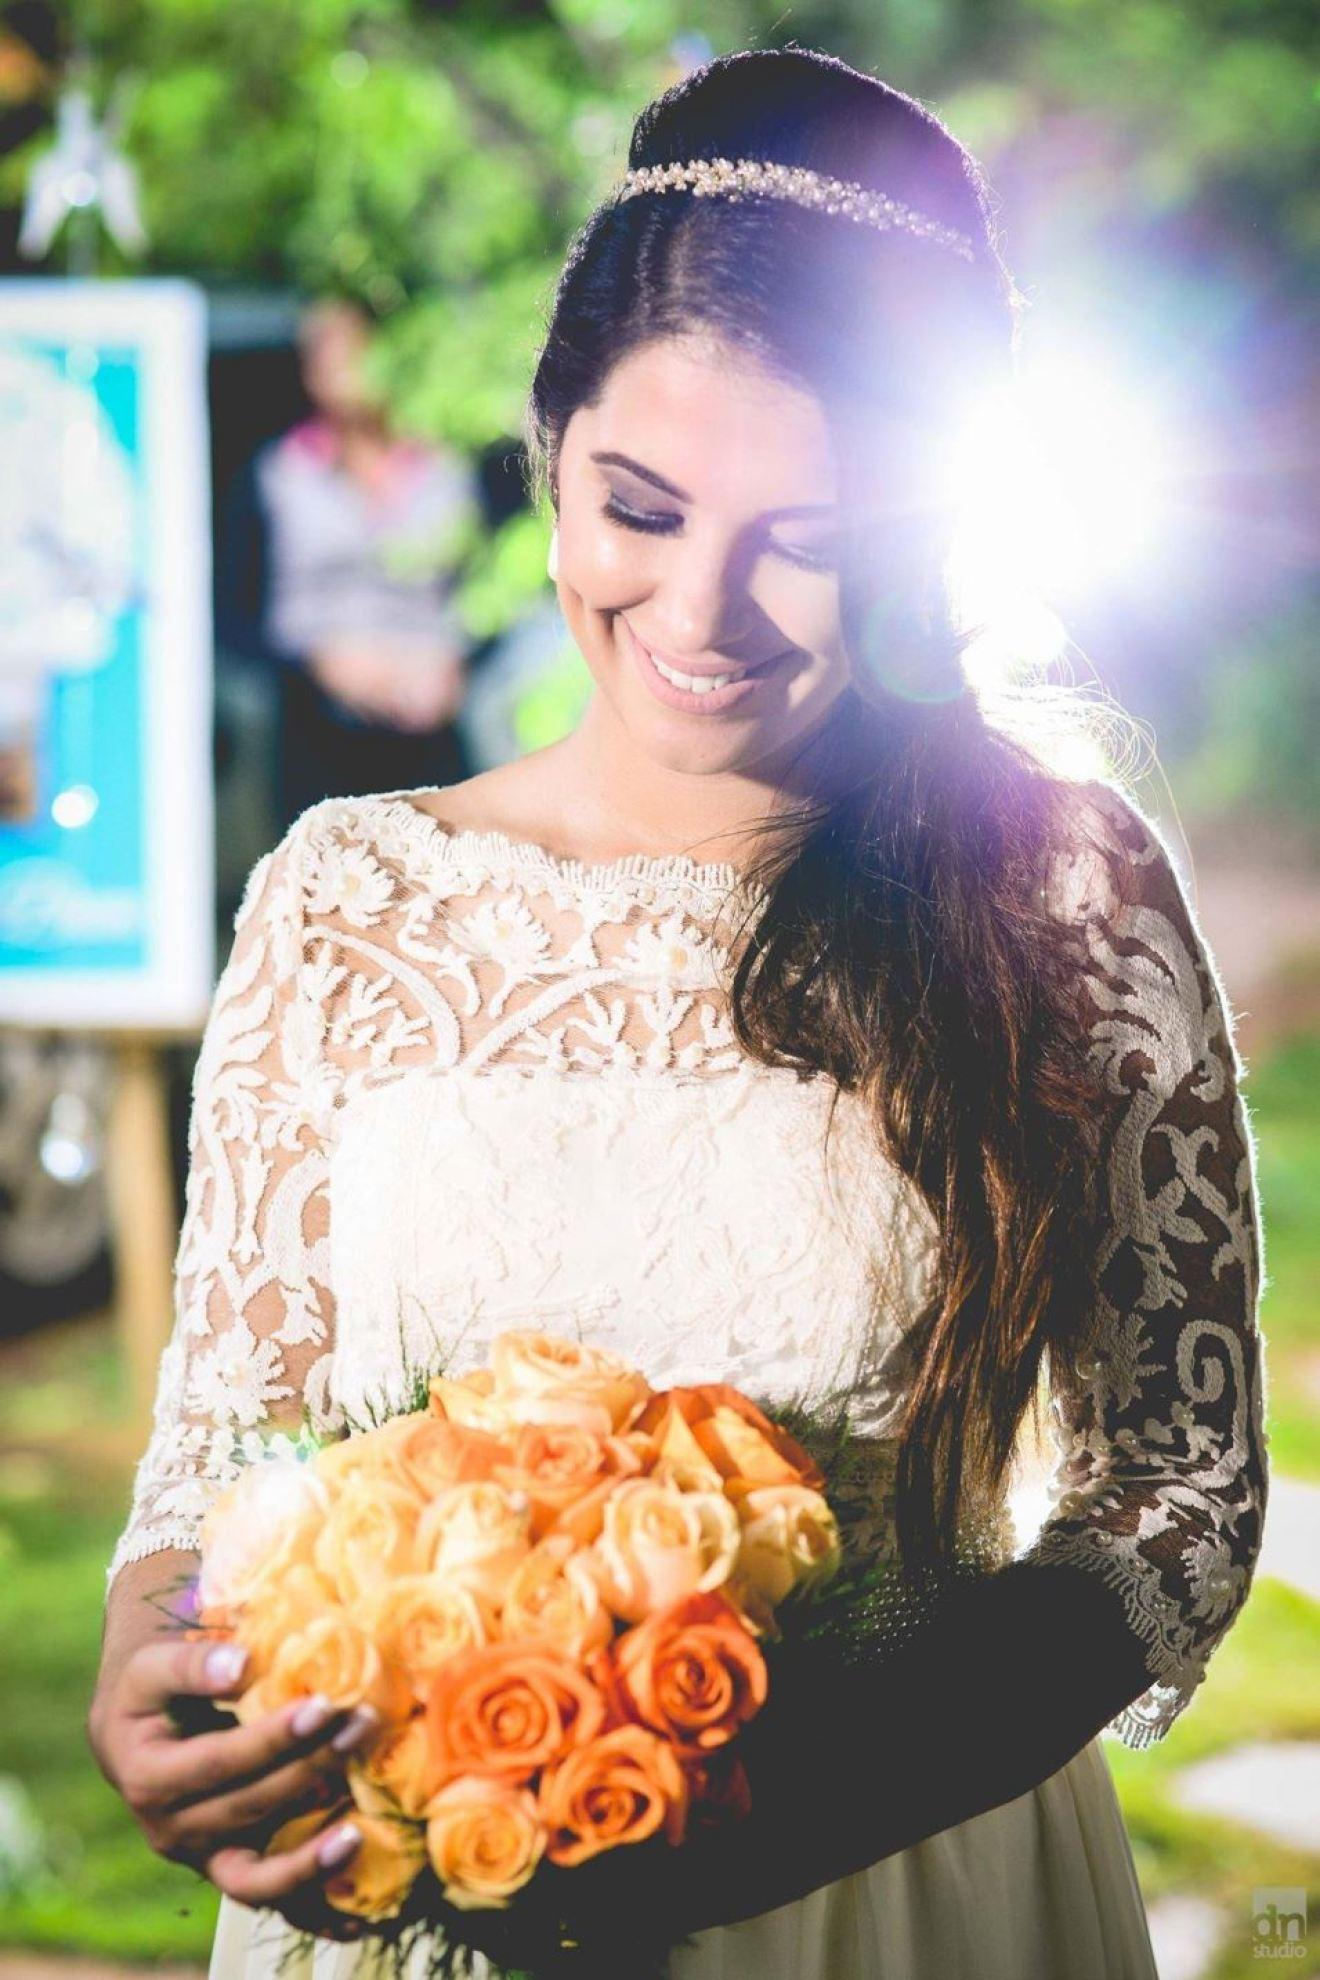 relato-casamento-real-economico-goias-thalita-bruno-casando-sem-grana (14)